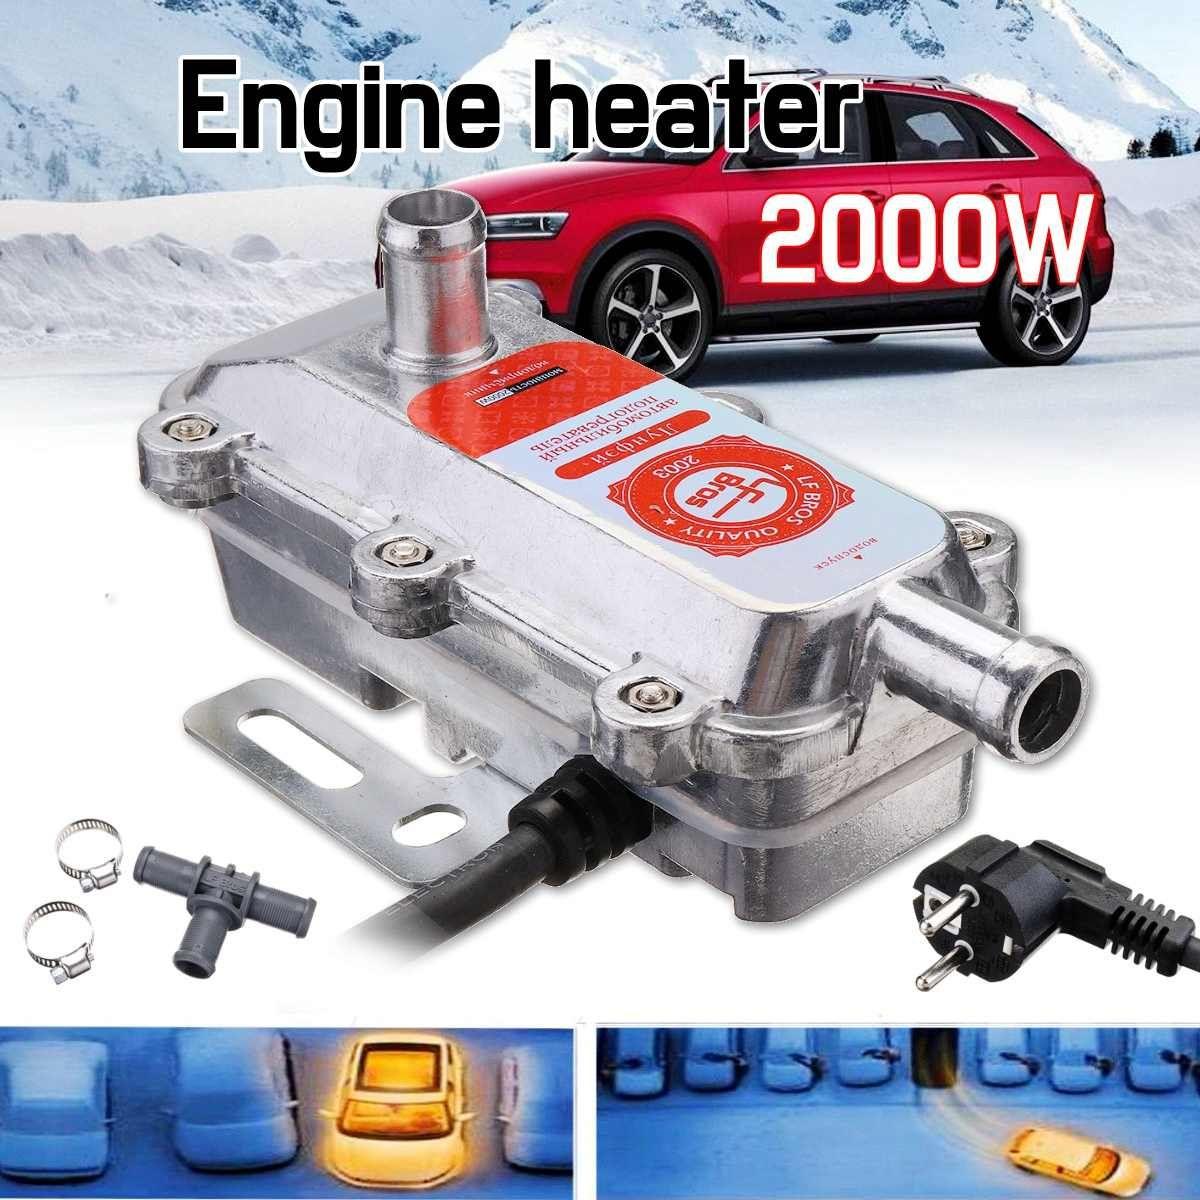 2000 W Auto Motor Kühlmittel Heizung Vorwärmer Nicht Webastos Eberspacher Motor Heizung Vorwärmen Luft Standheizung